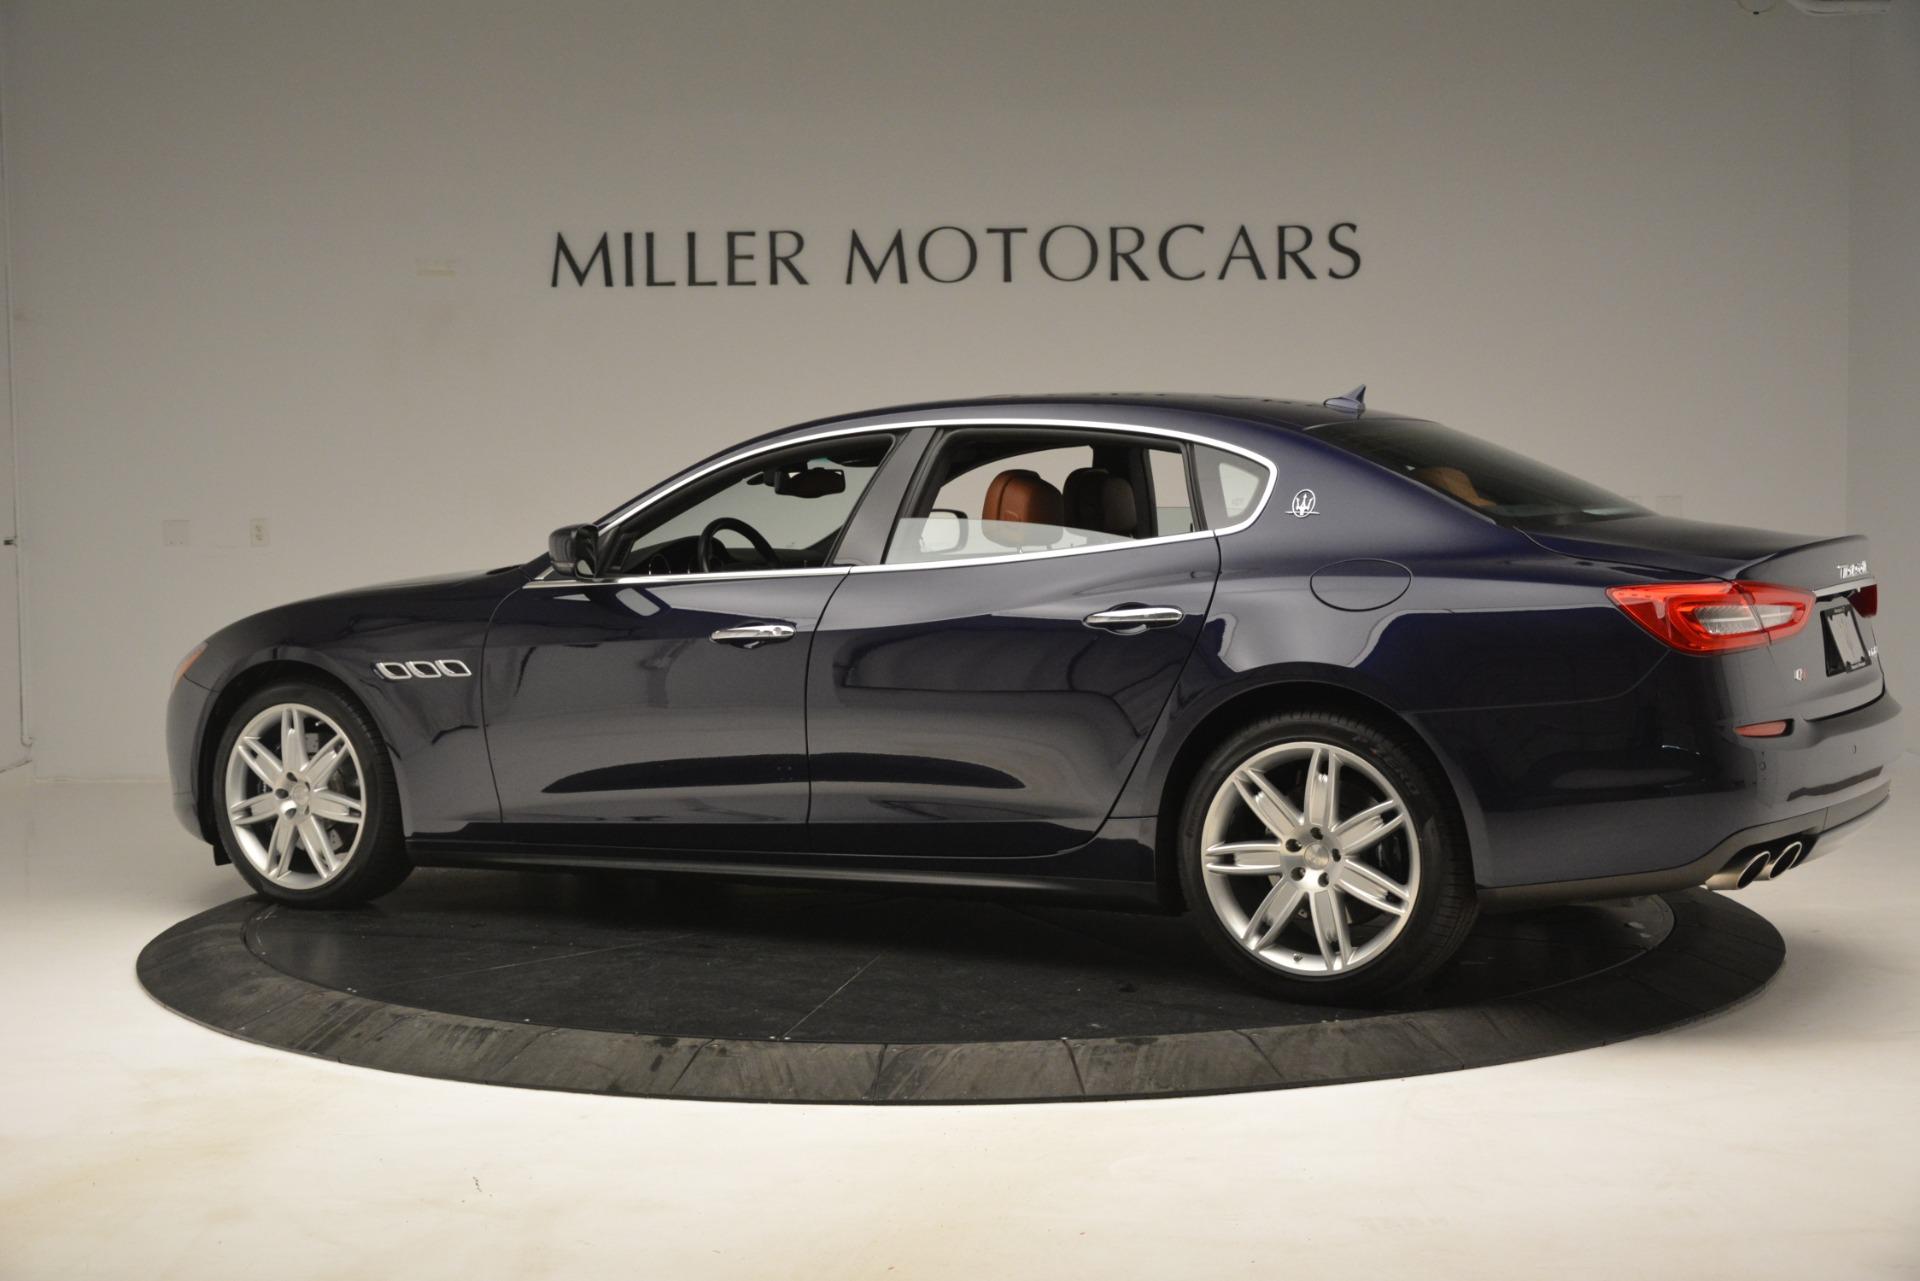 Used 2015 Maserati Quattroporte S Q4 For Sale In Westport, CT 3058_p4